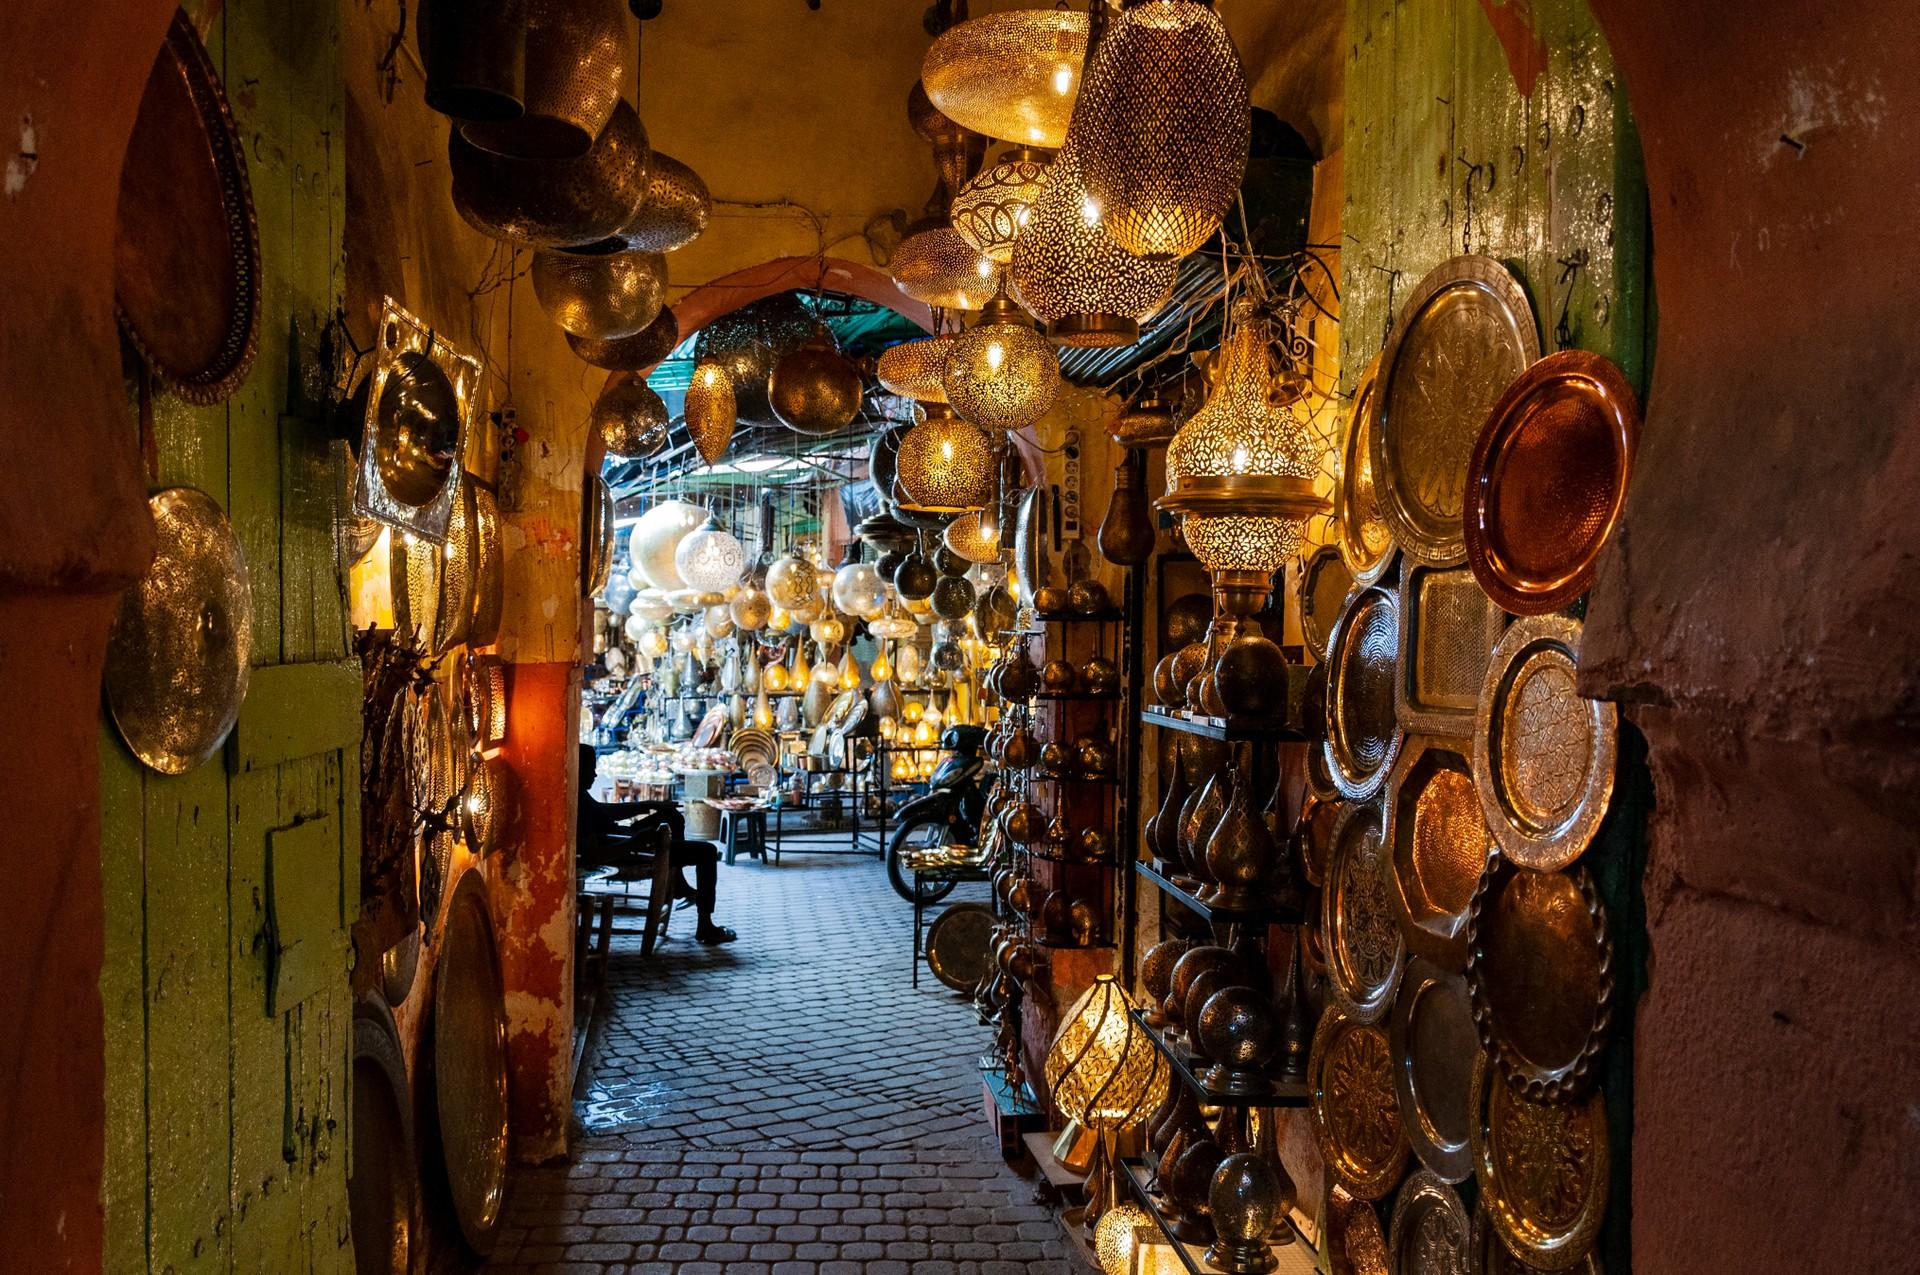 World's most marvellous market's: Marrakech Souk